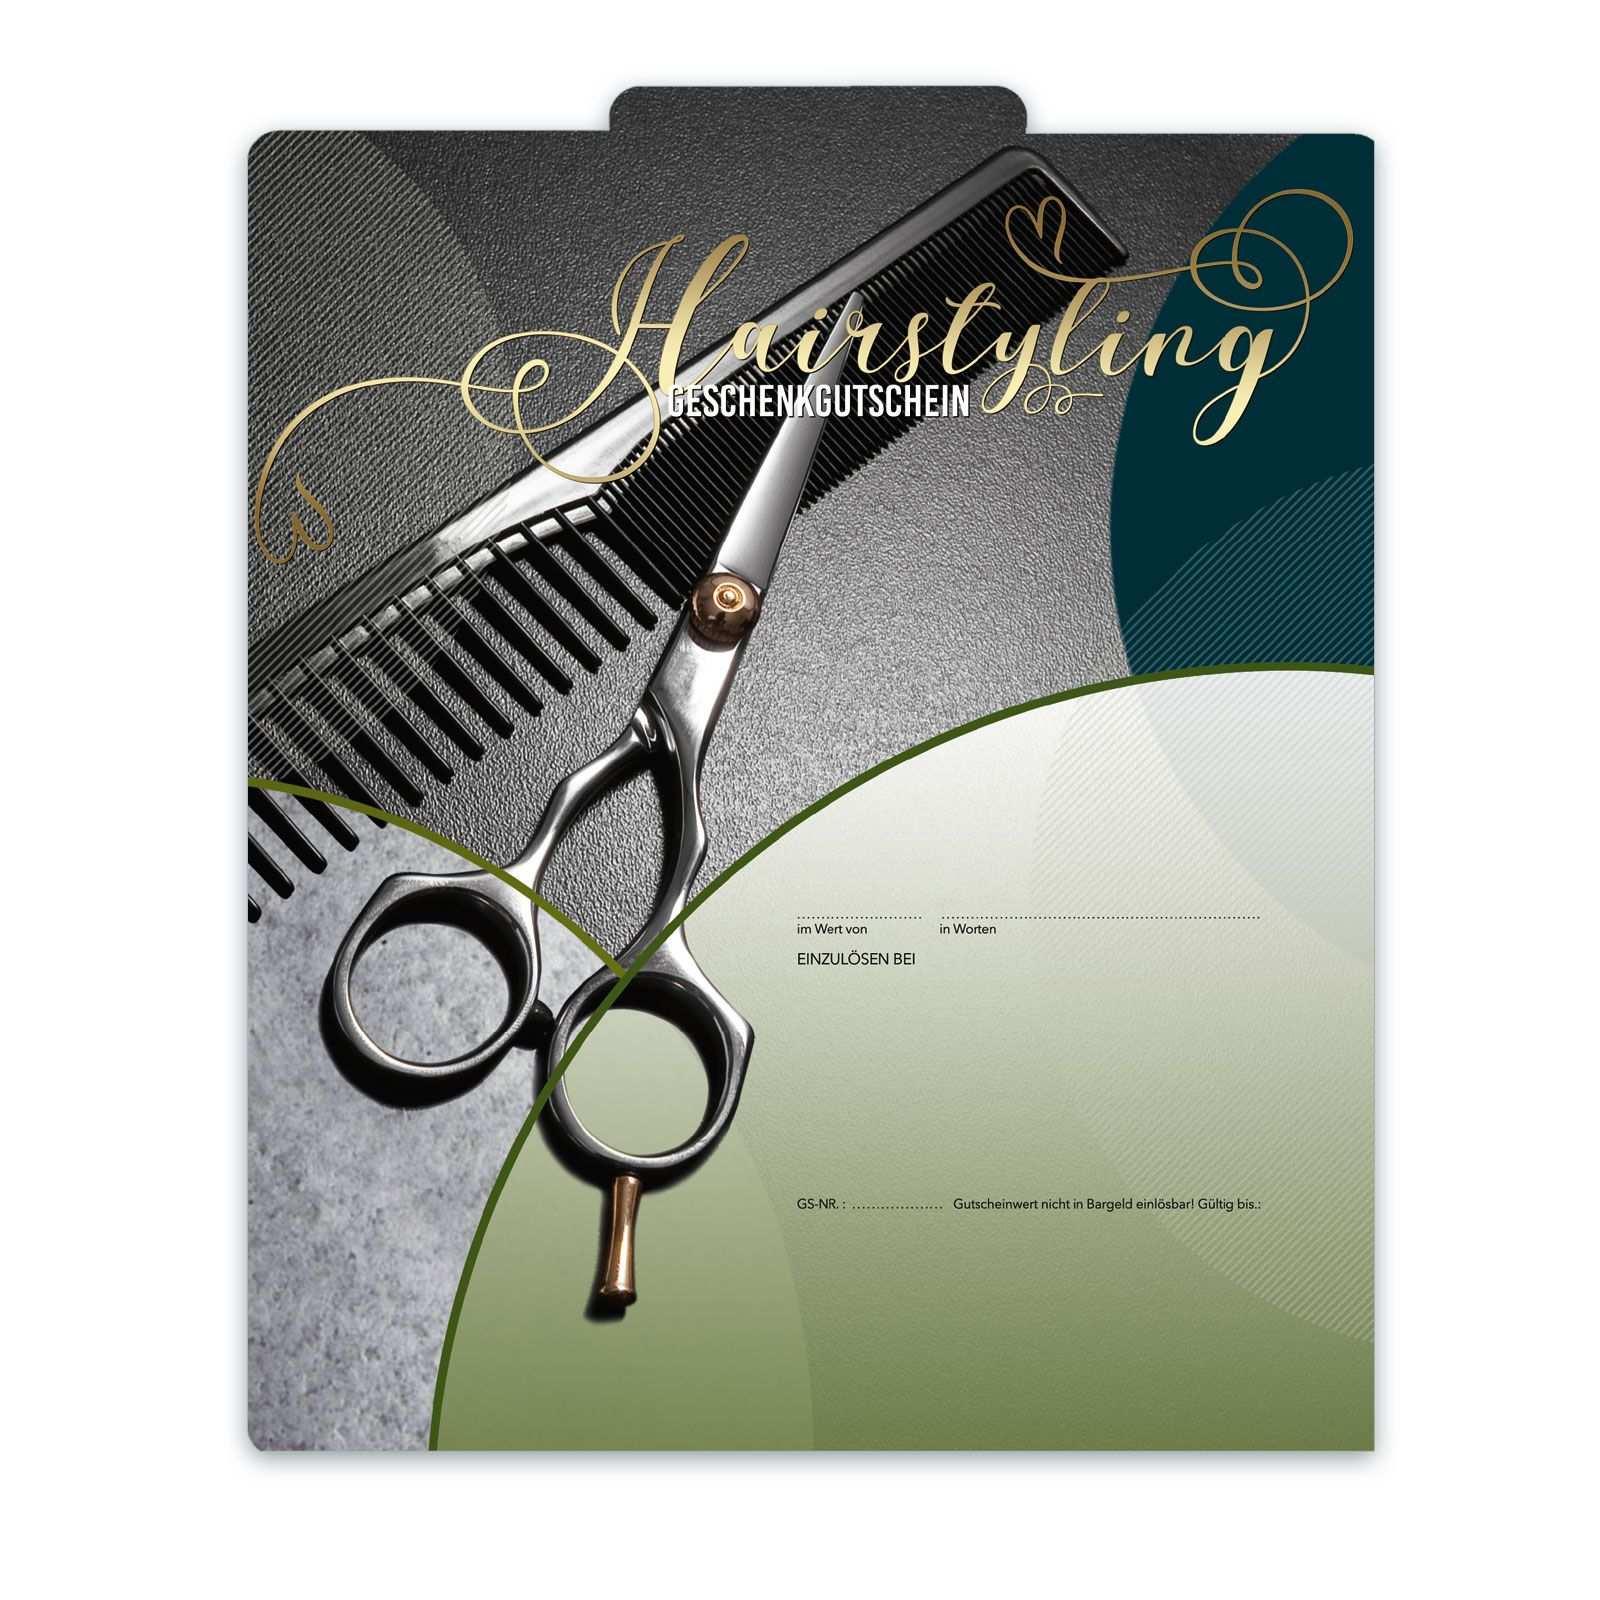 Friseure Aufgepasst Neuer Geschenkgutschein Erhaltlich Unter Www